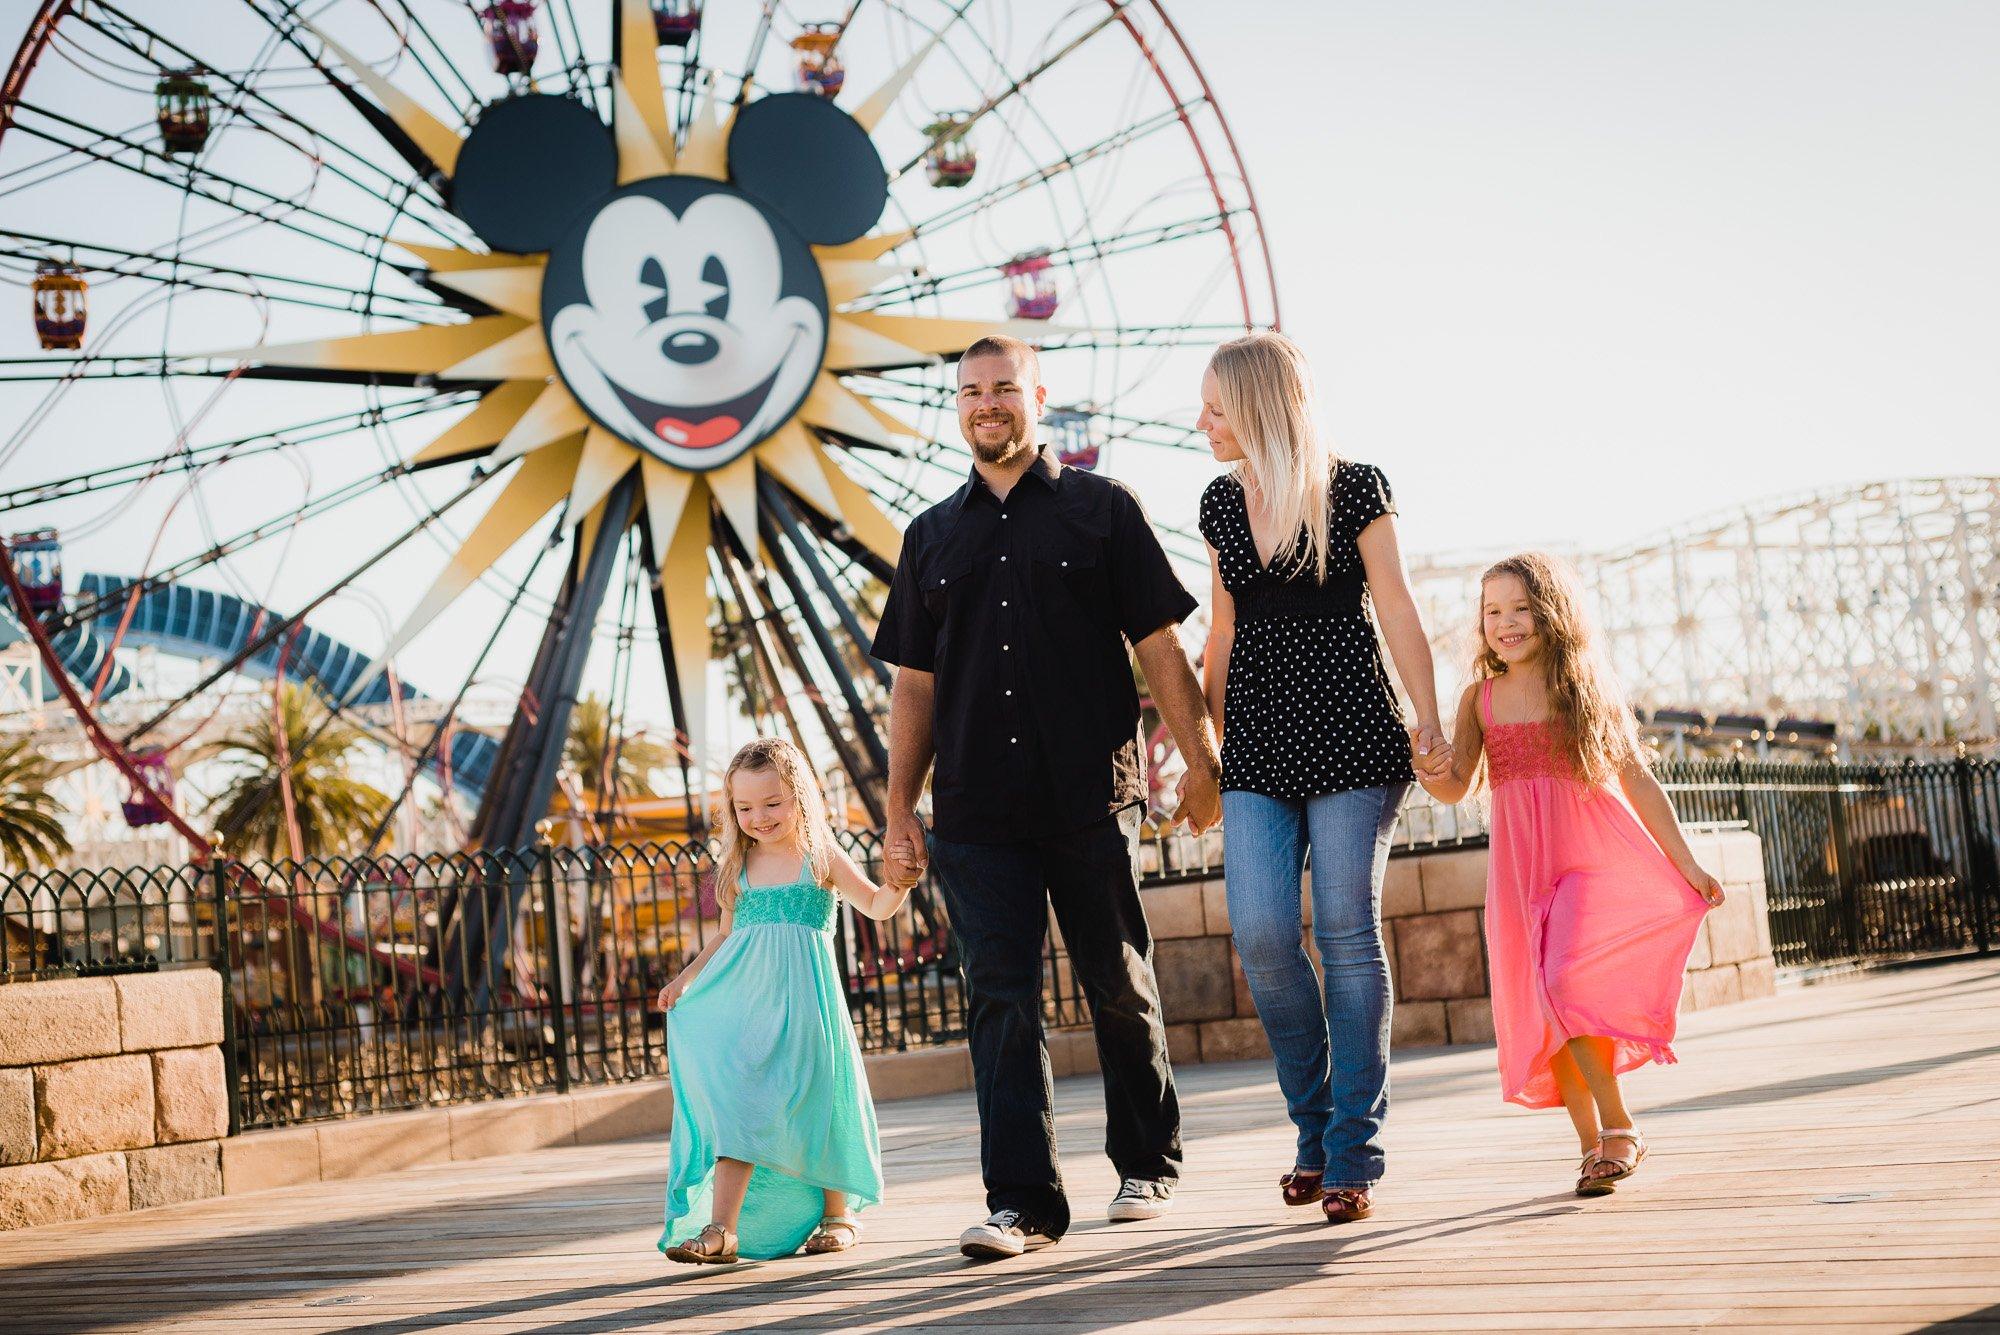 Family walking by the ferris wheel